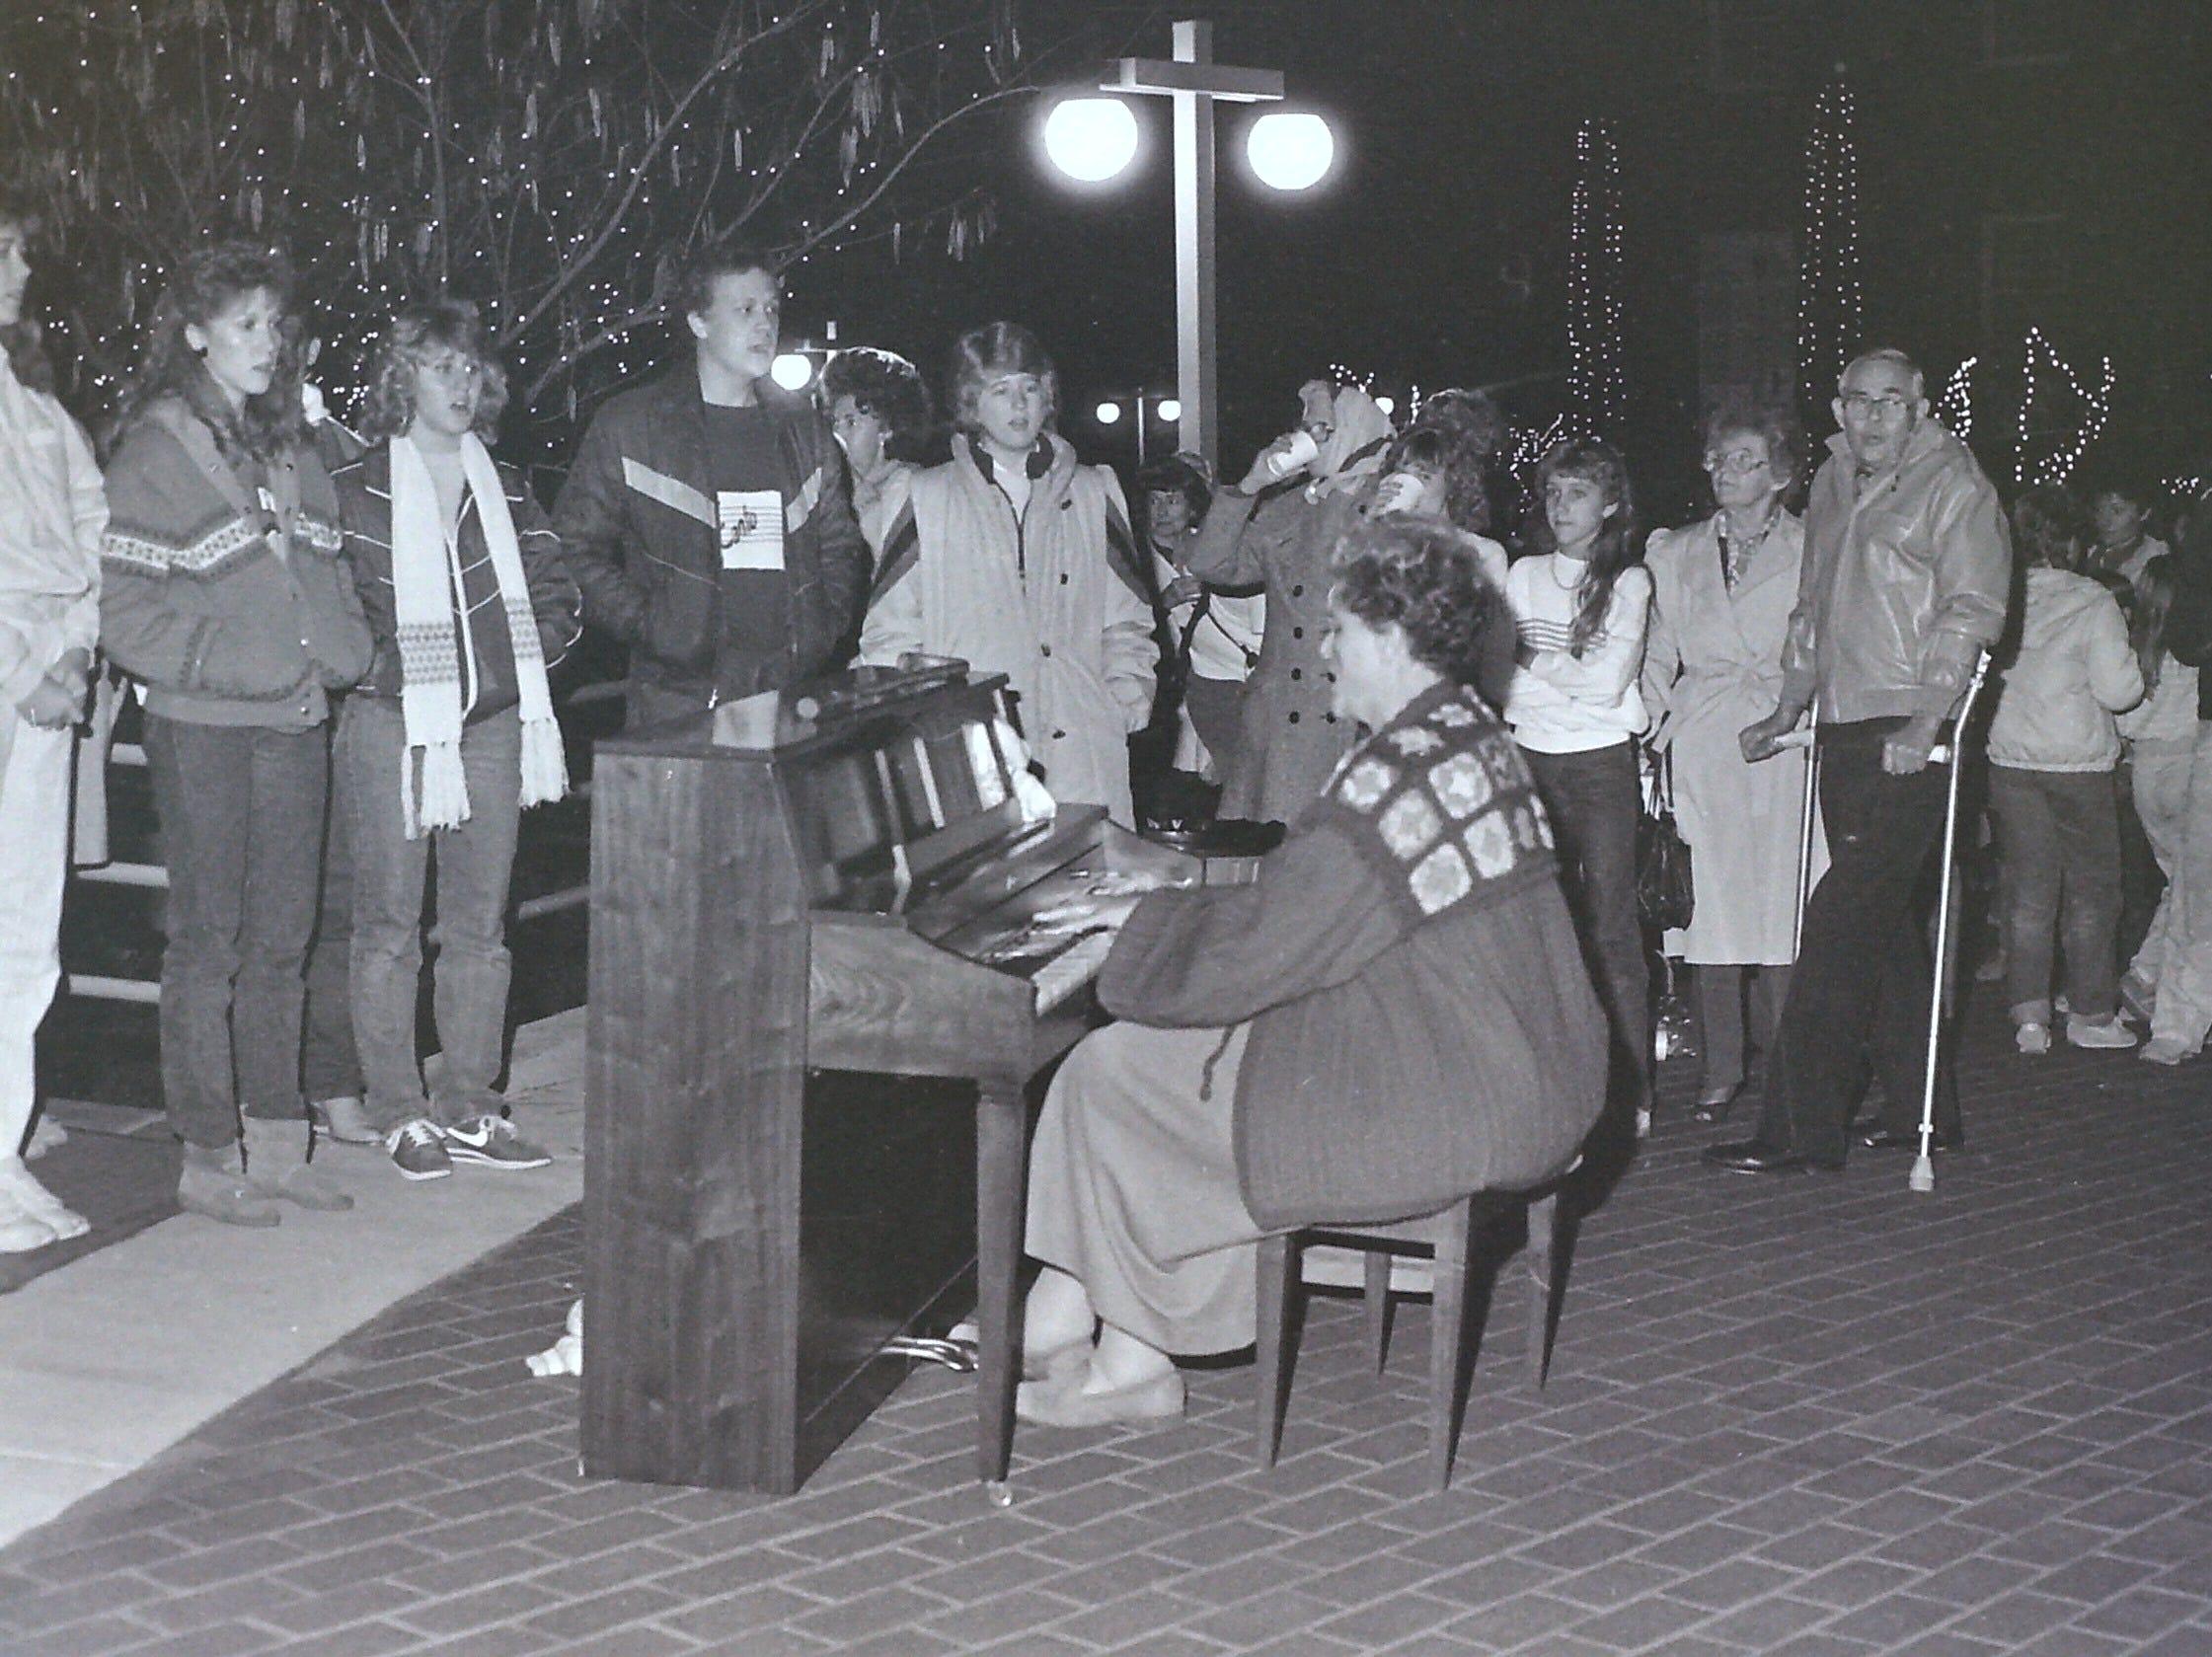 Dixie State Bank Christmas lighting circa 1985.